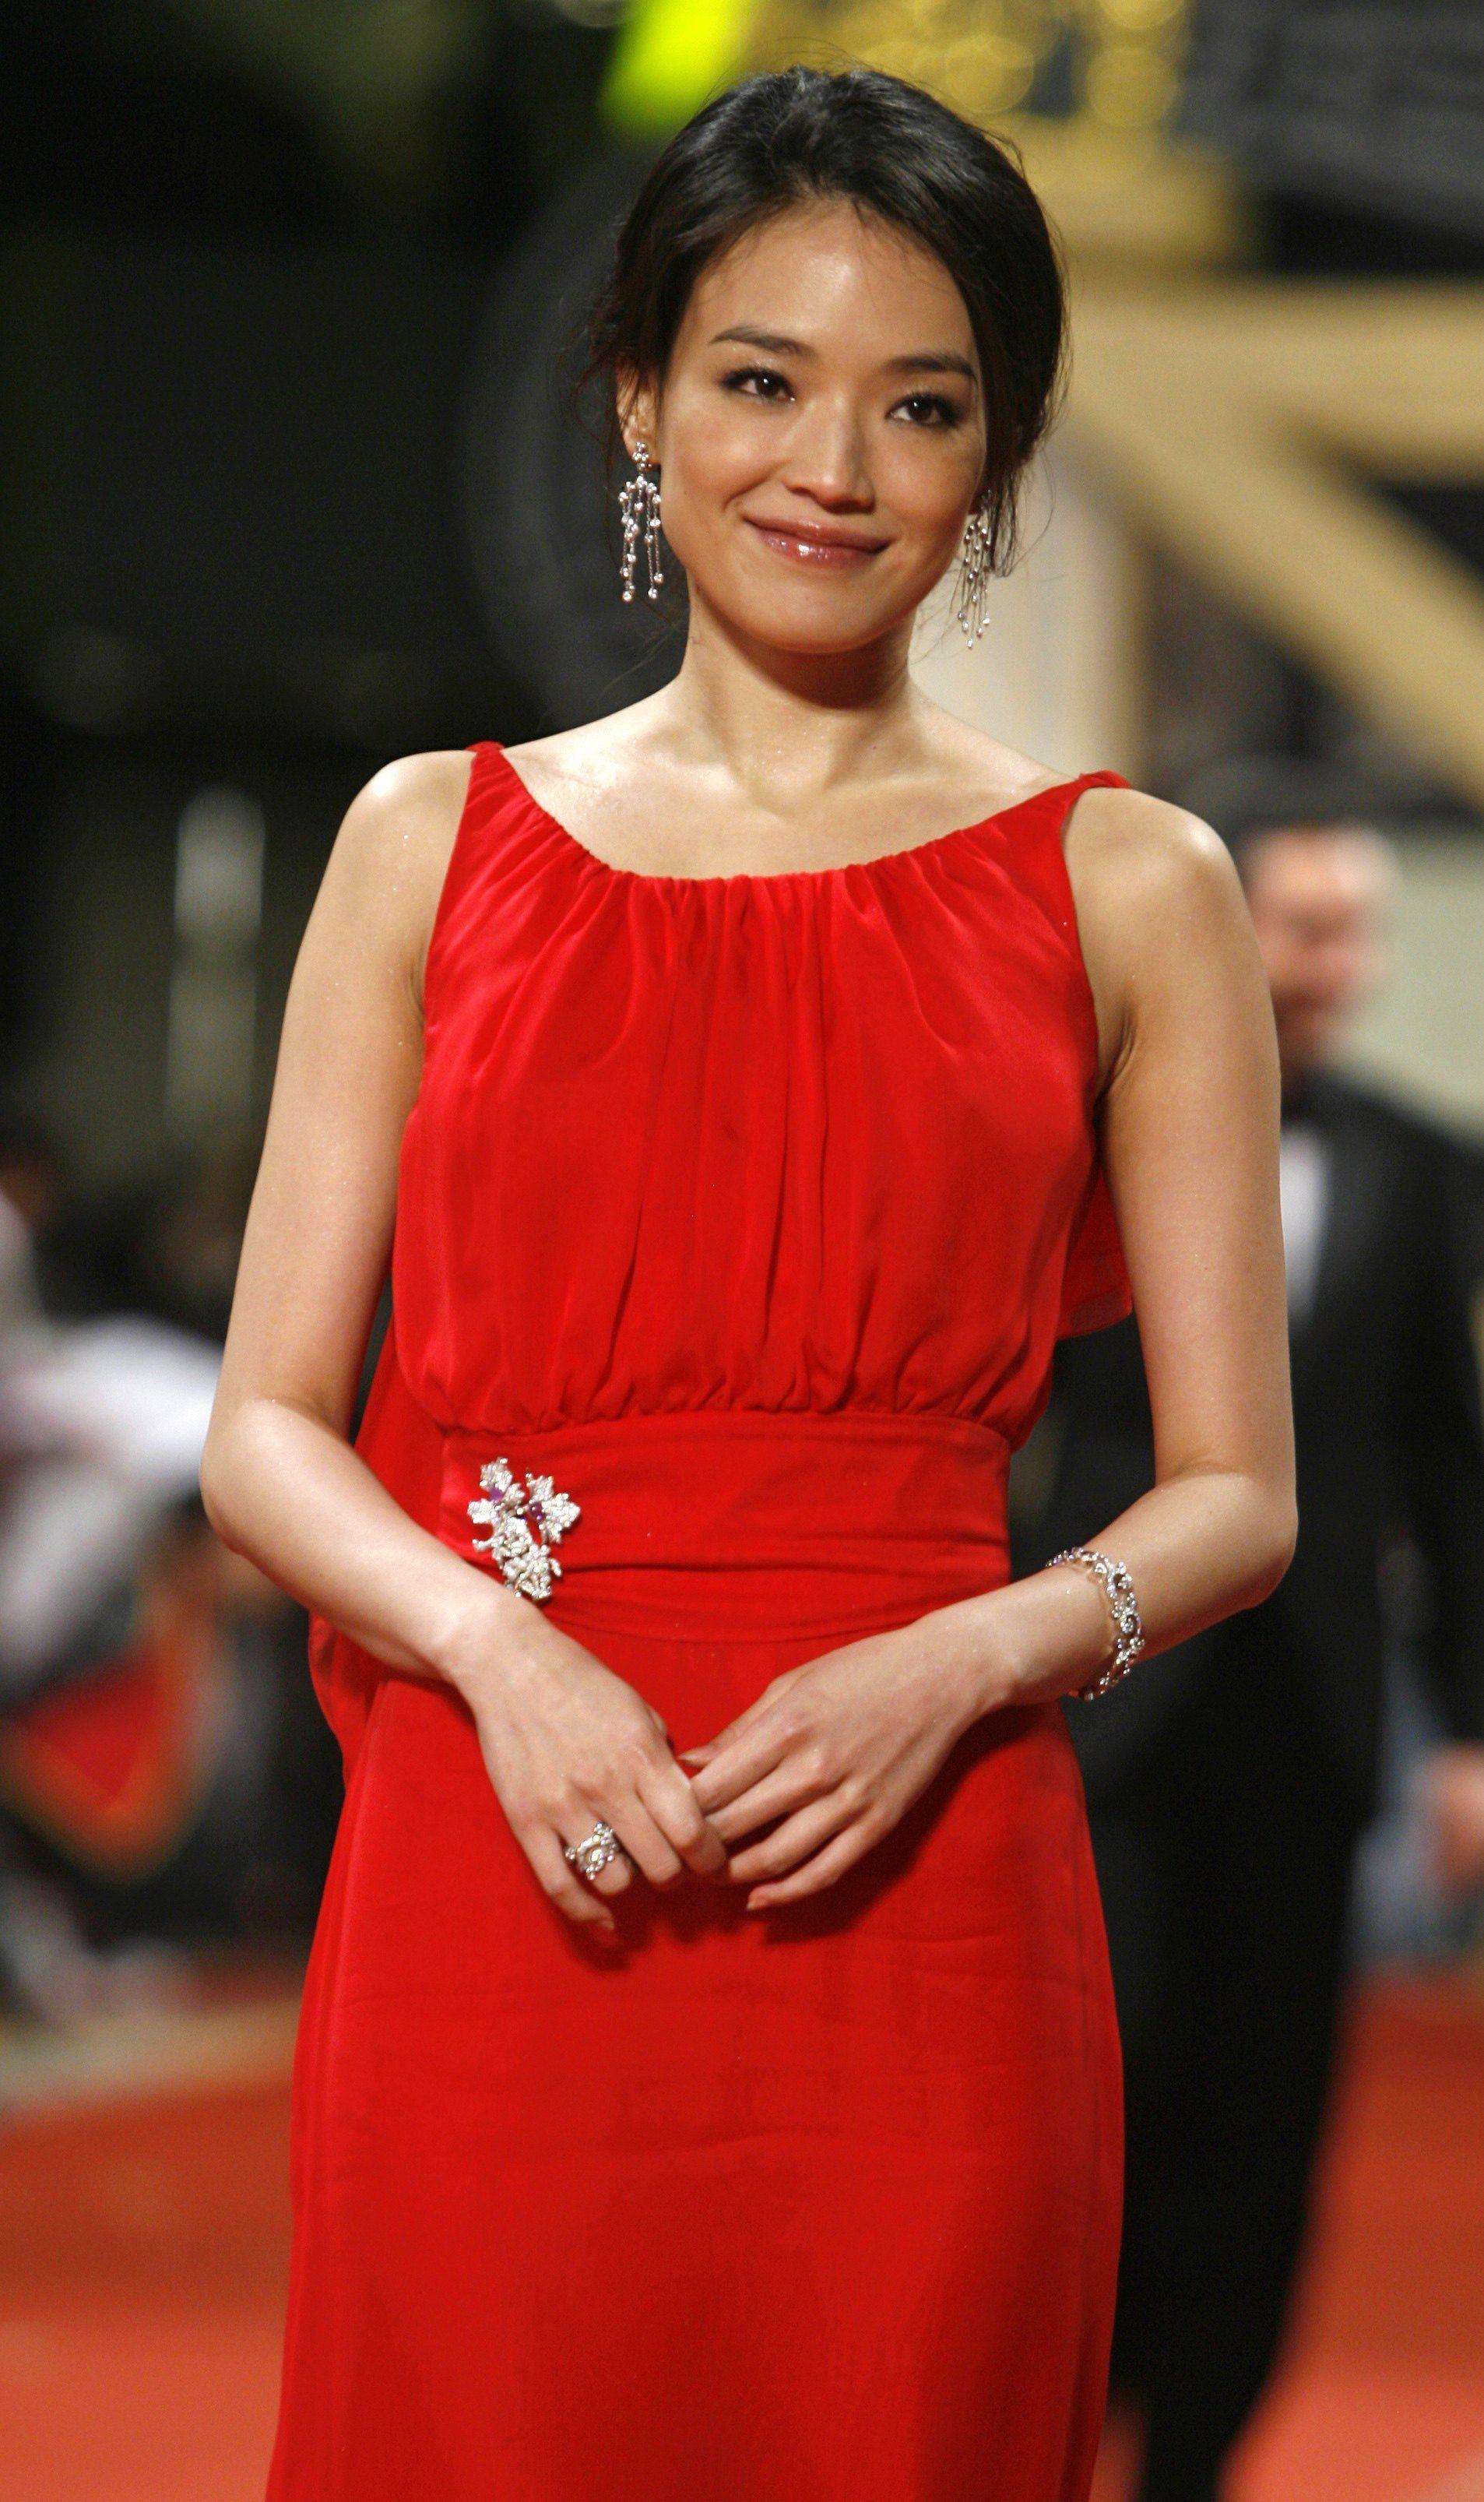 Shu Qi   Most beautiful women, Actresses, Beautiful women